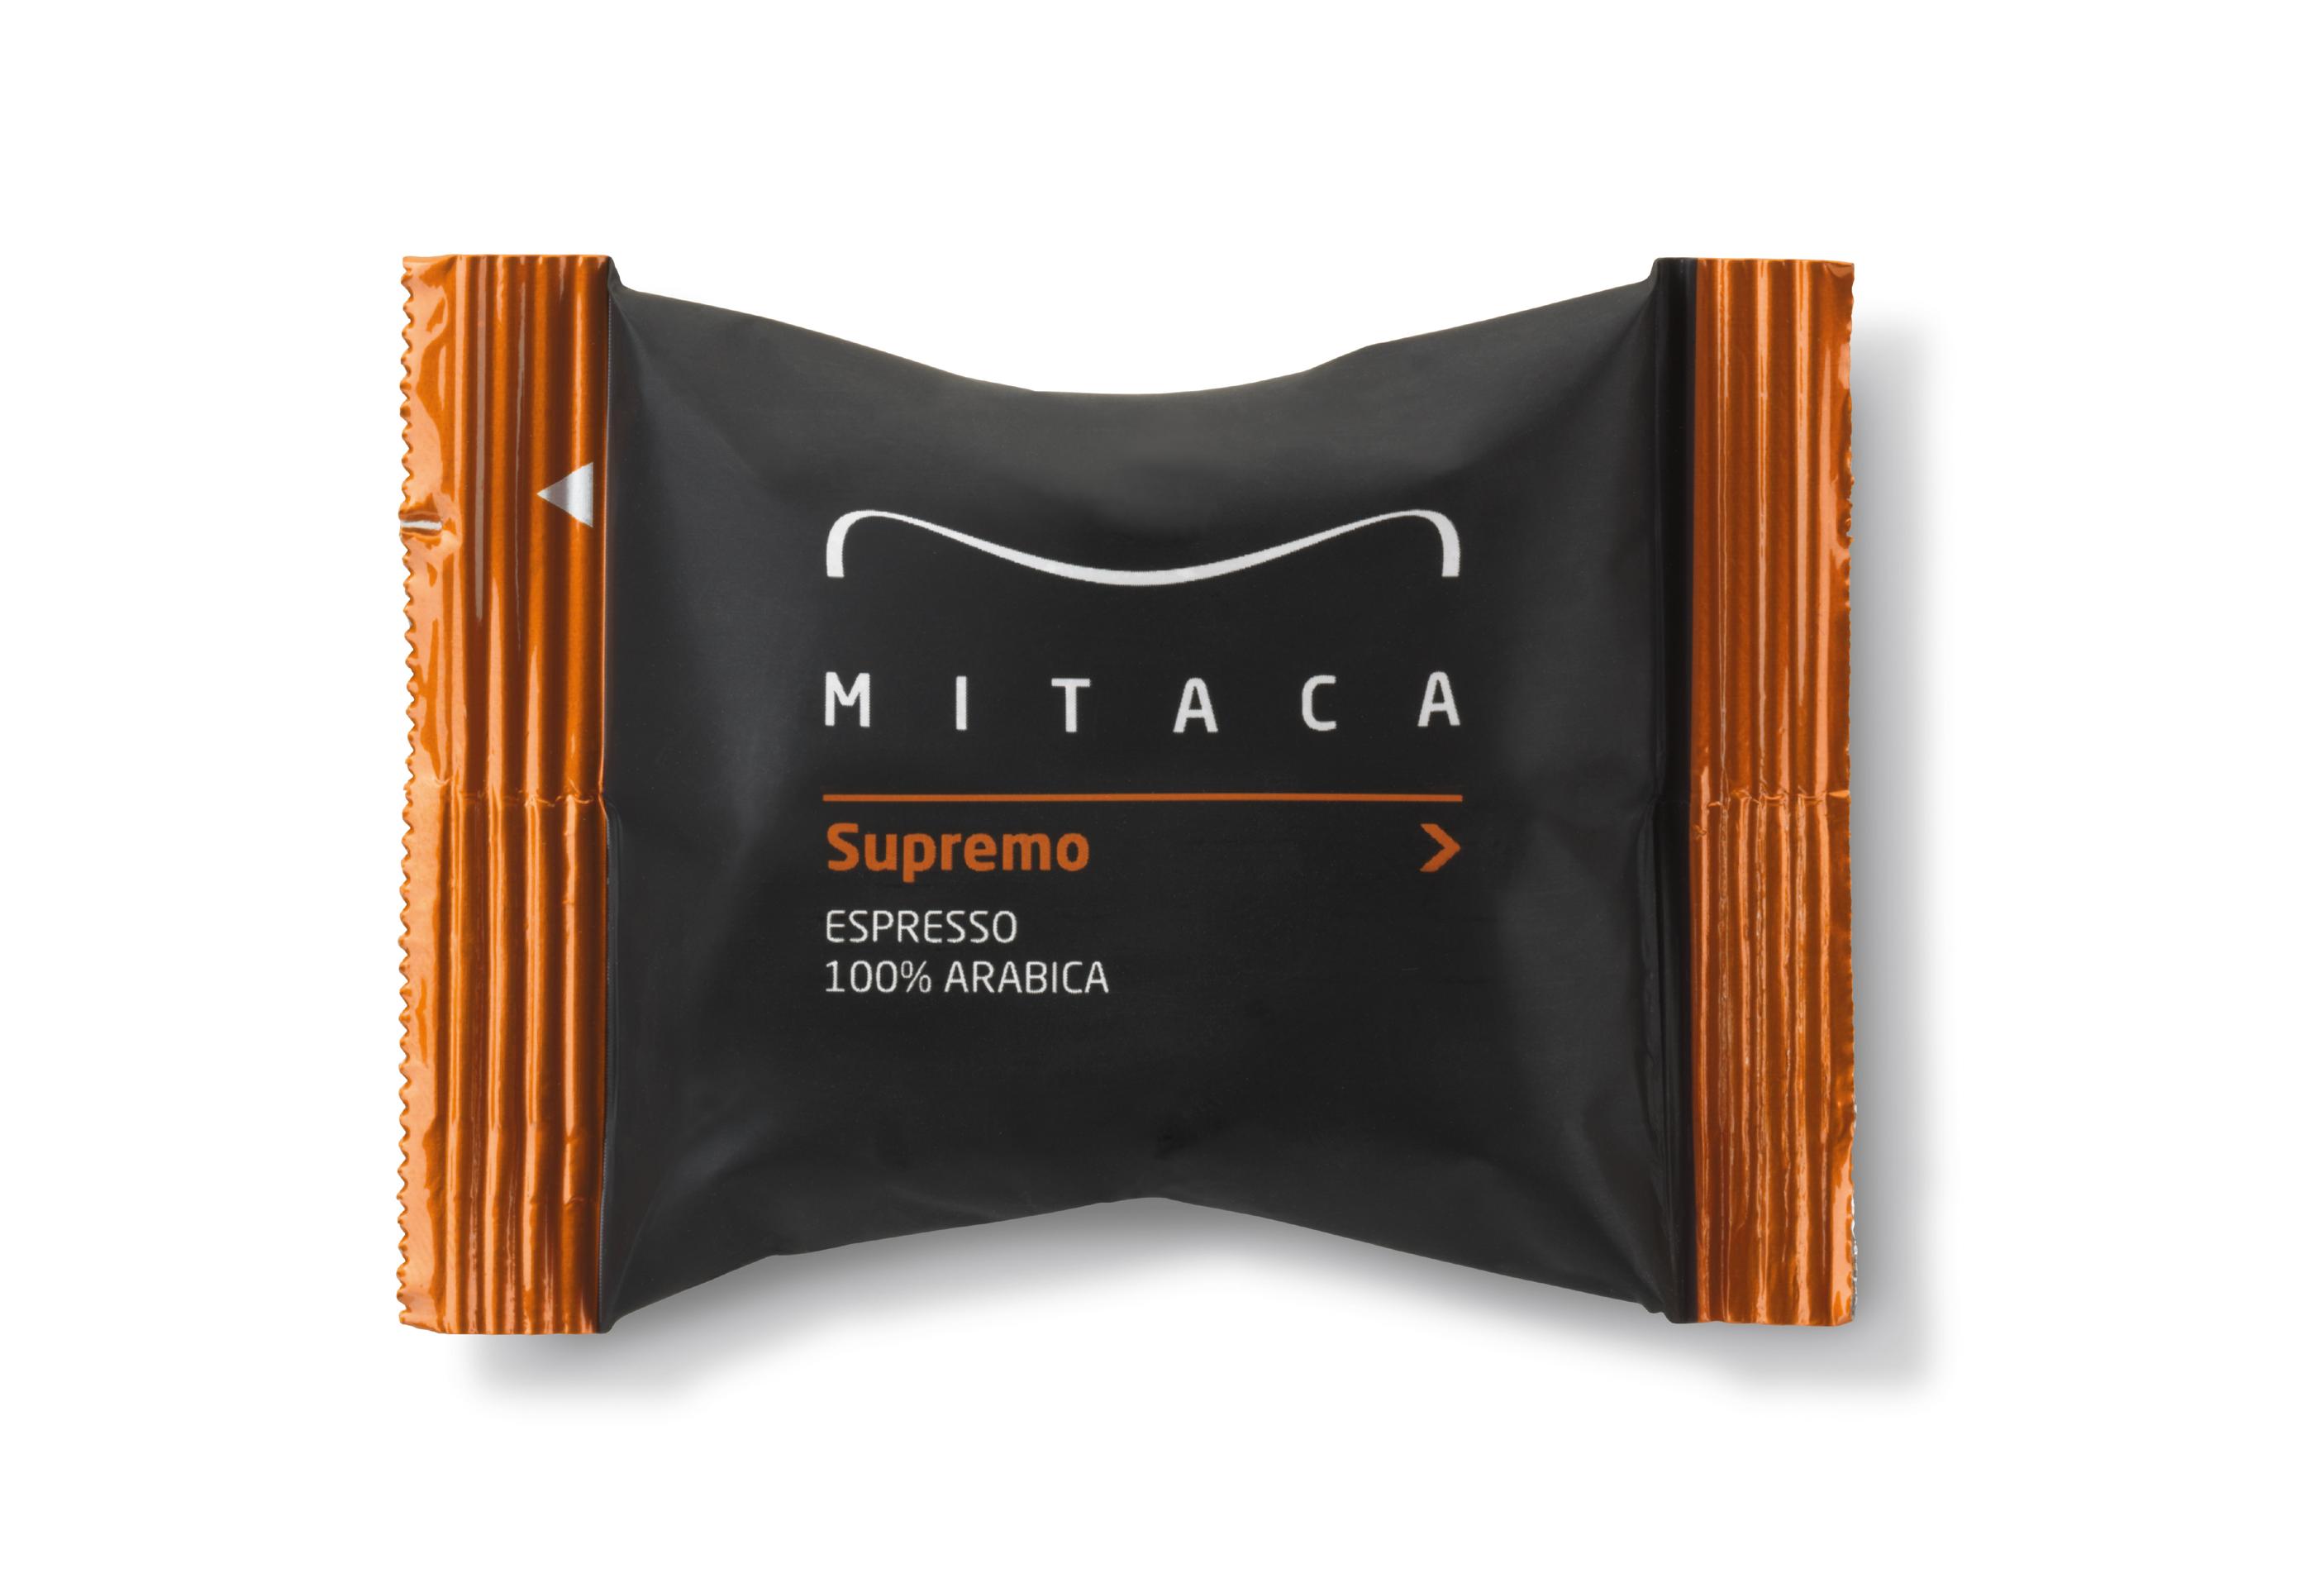 Mitaca Supremo 100% Arabica – 977 IES